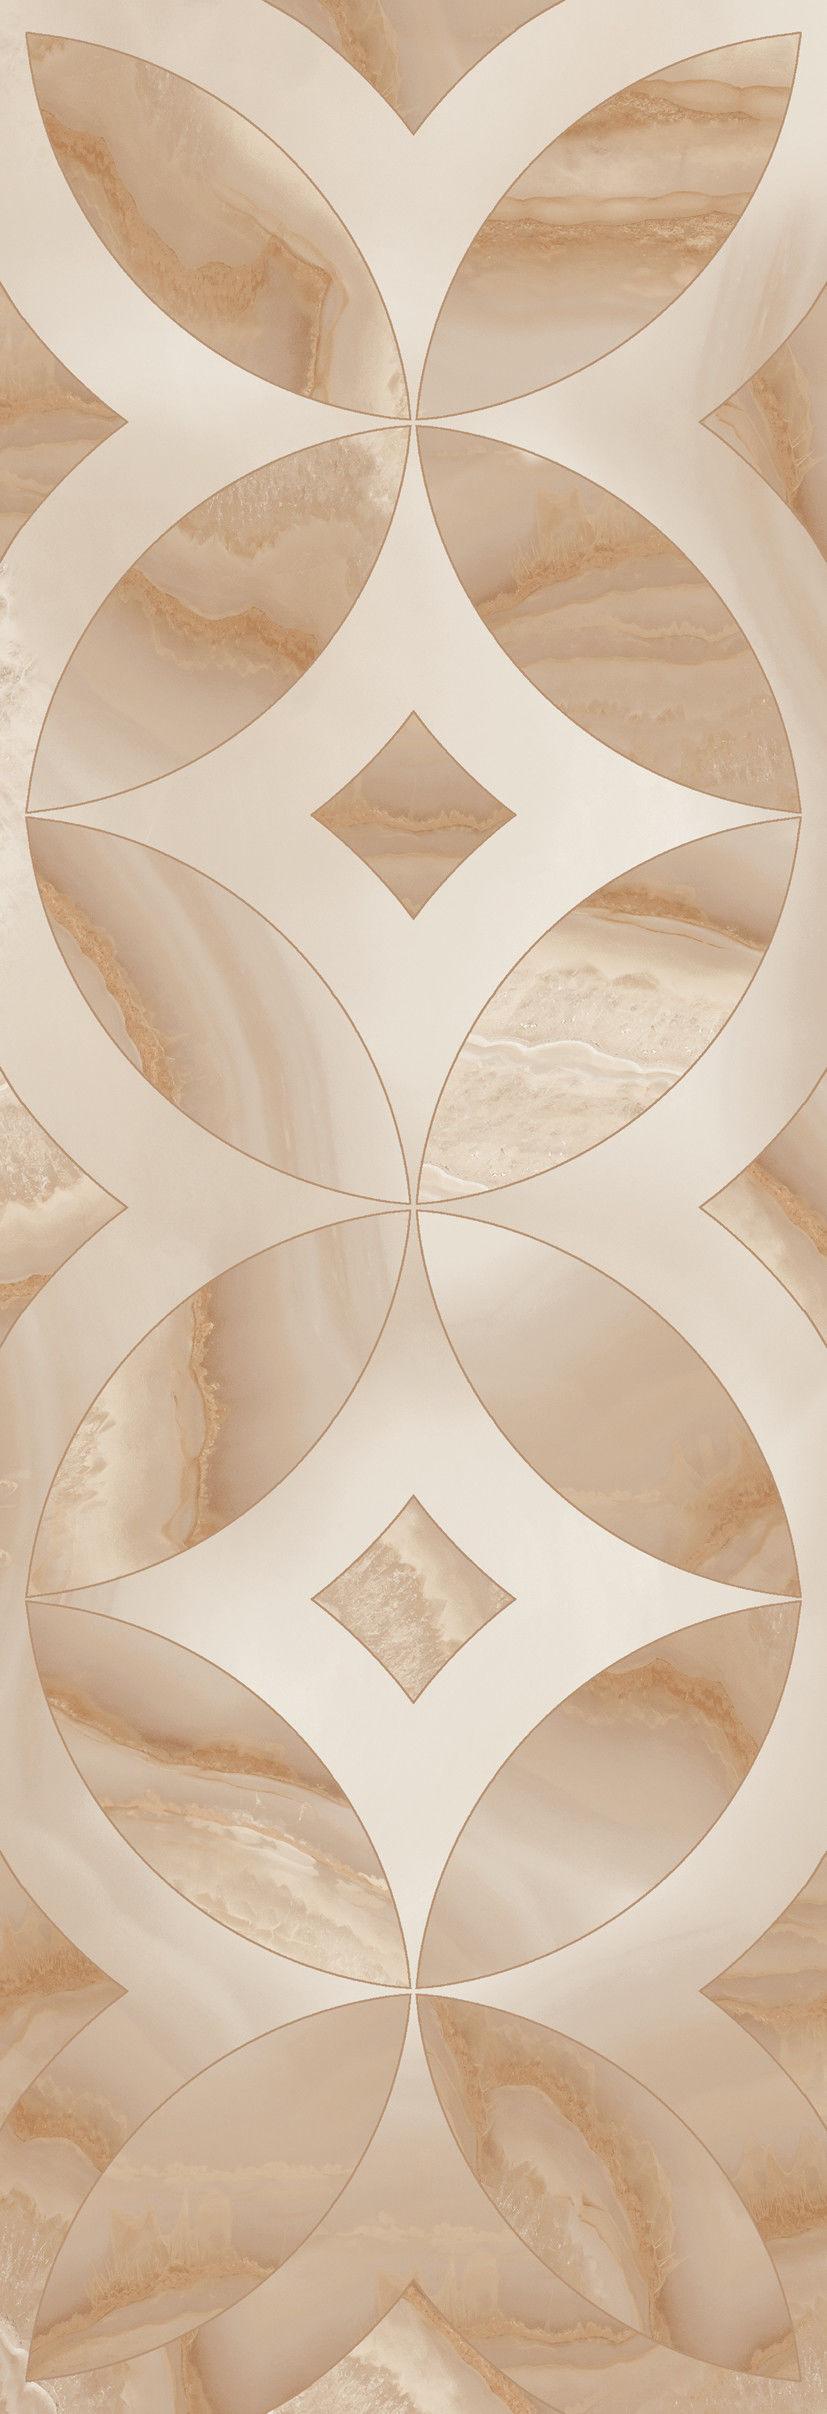 Beyond Beige Decor 29,75x89,46 płytki dekoracyjne